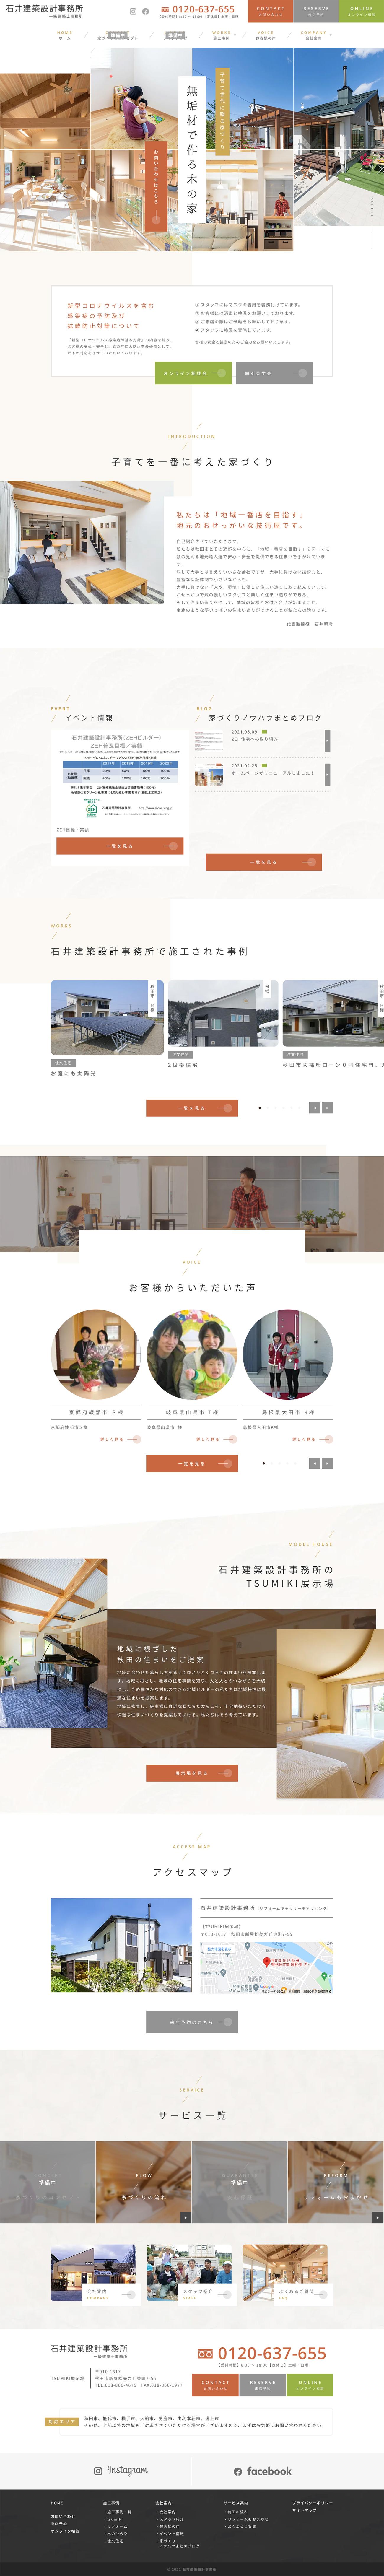 石井建築設計事務所 様 PCデザイン